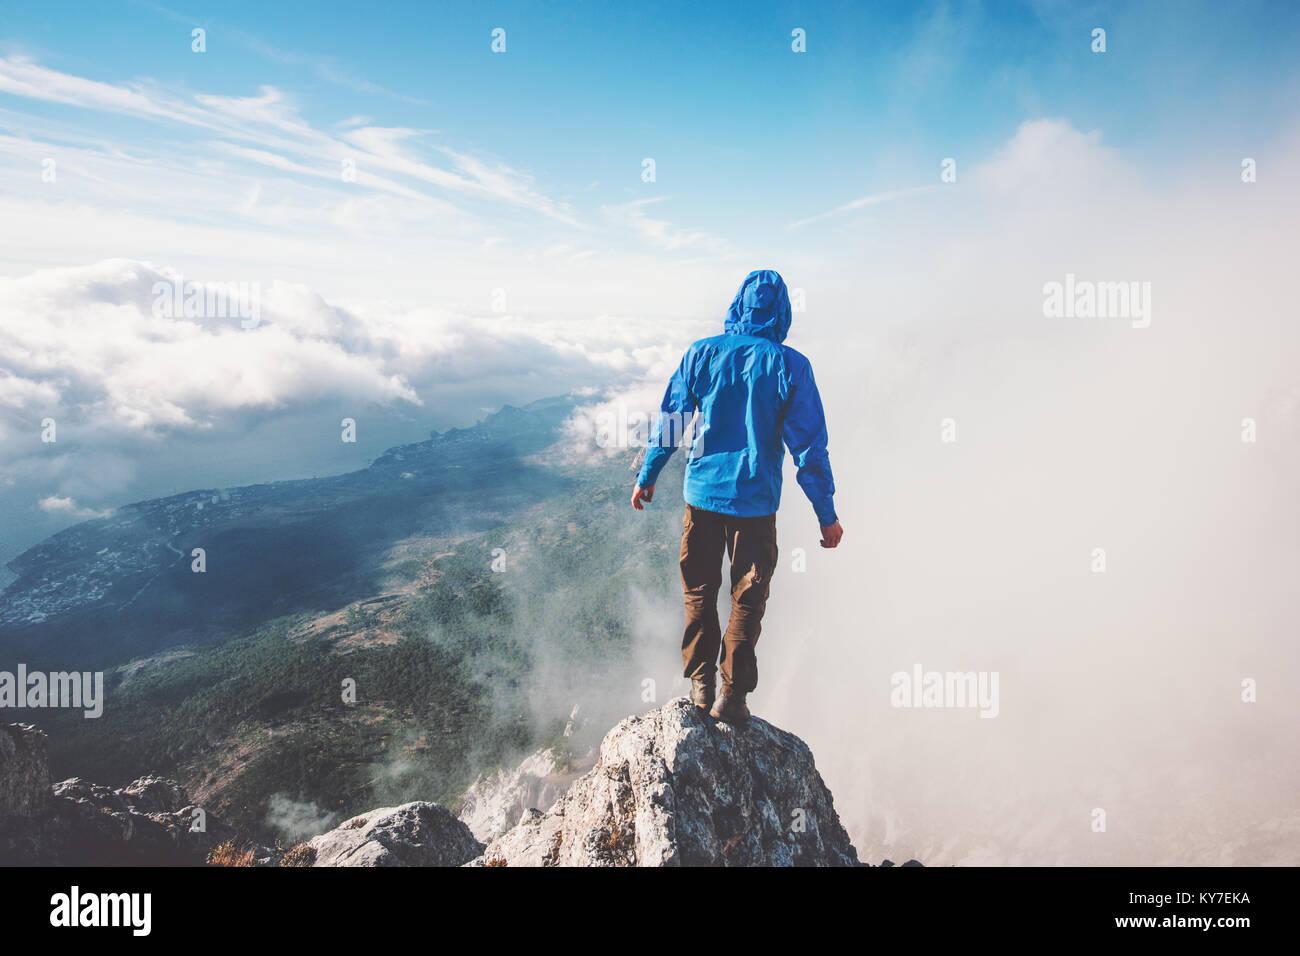 Mann Reisender auf der Klippe mit Blick über den Wolken Reisen Lifestyle erfolg konzept Abenteuer aktiv Urlaub Stockbild